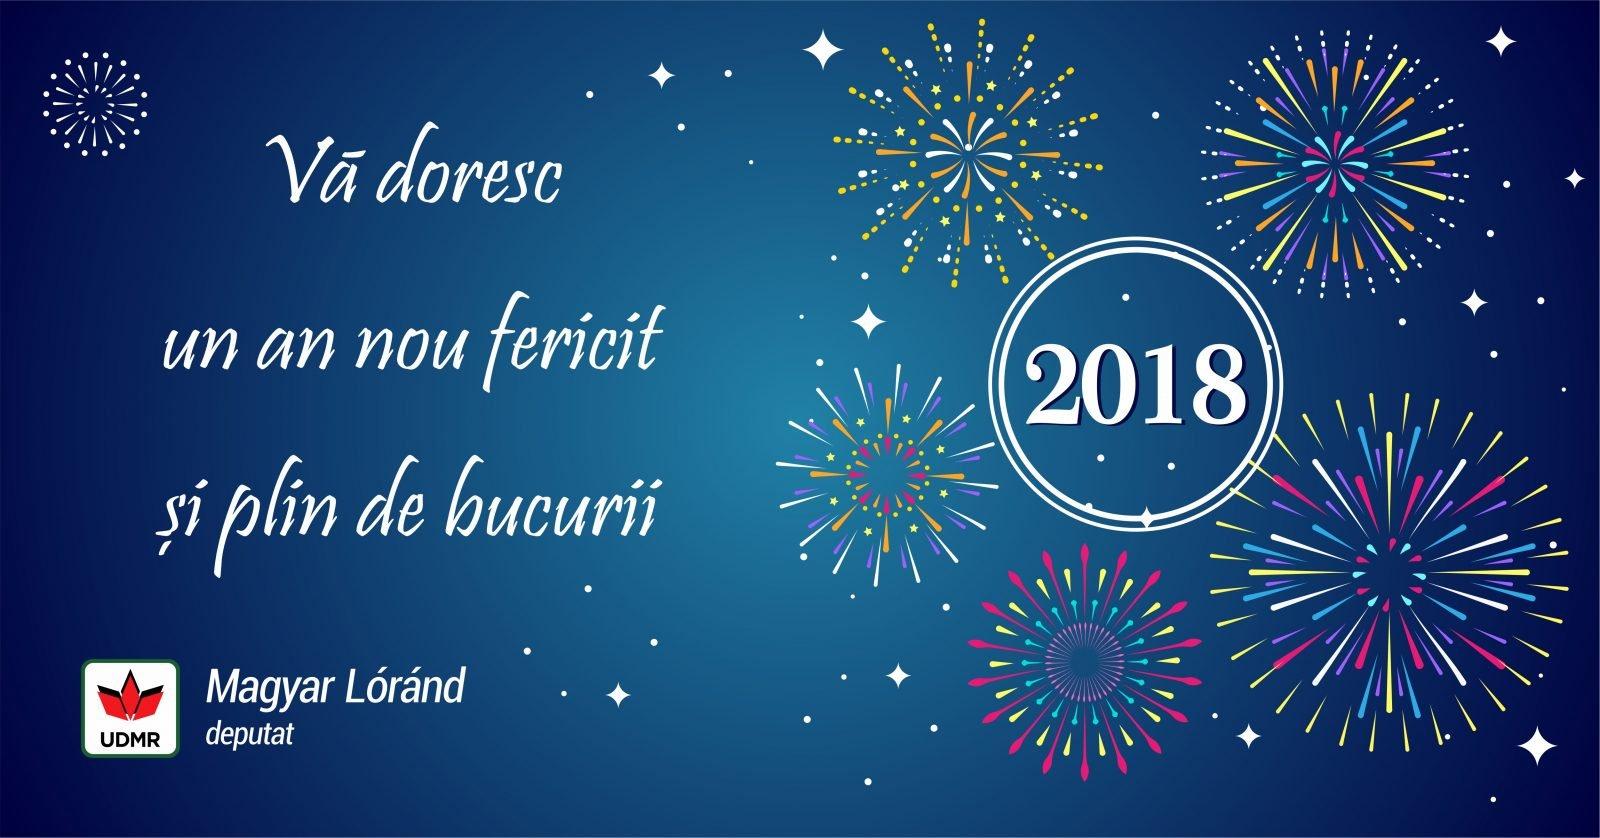 Felicitarea de Anul Nou a deputatului UDMR, Magyar Lorand